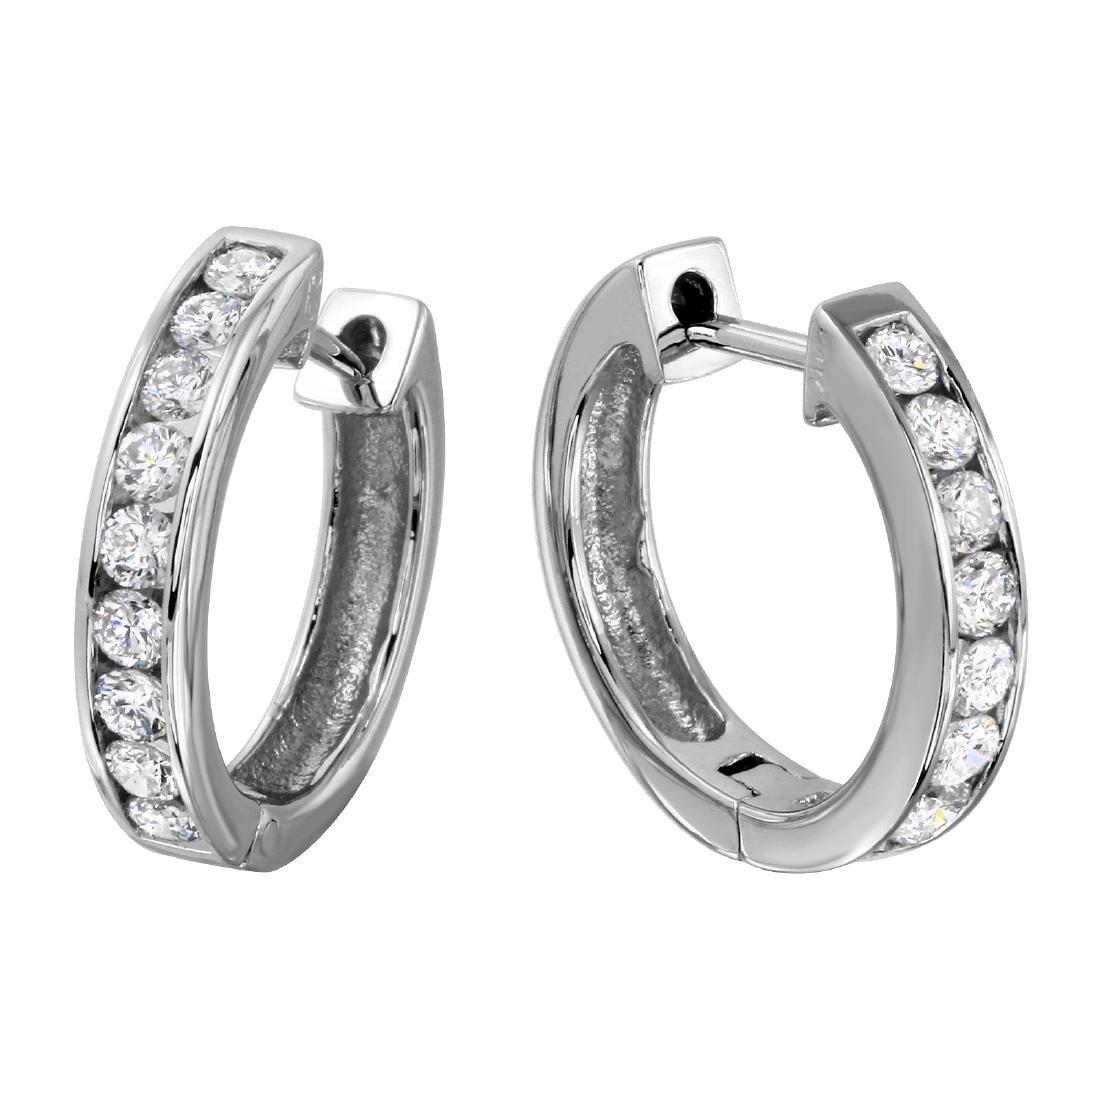 14KT White Gold Diamond Hoop Earrings - 2